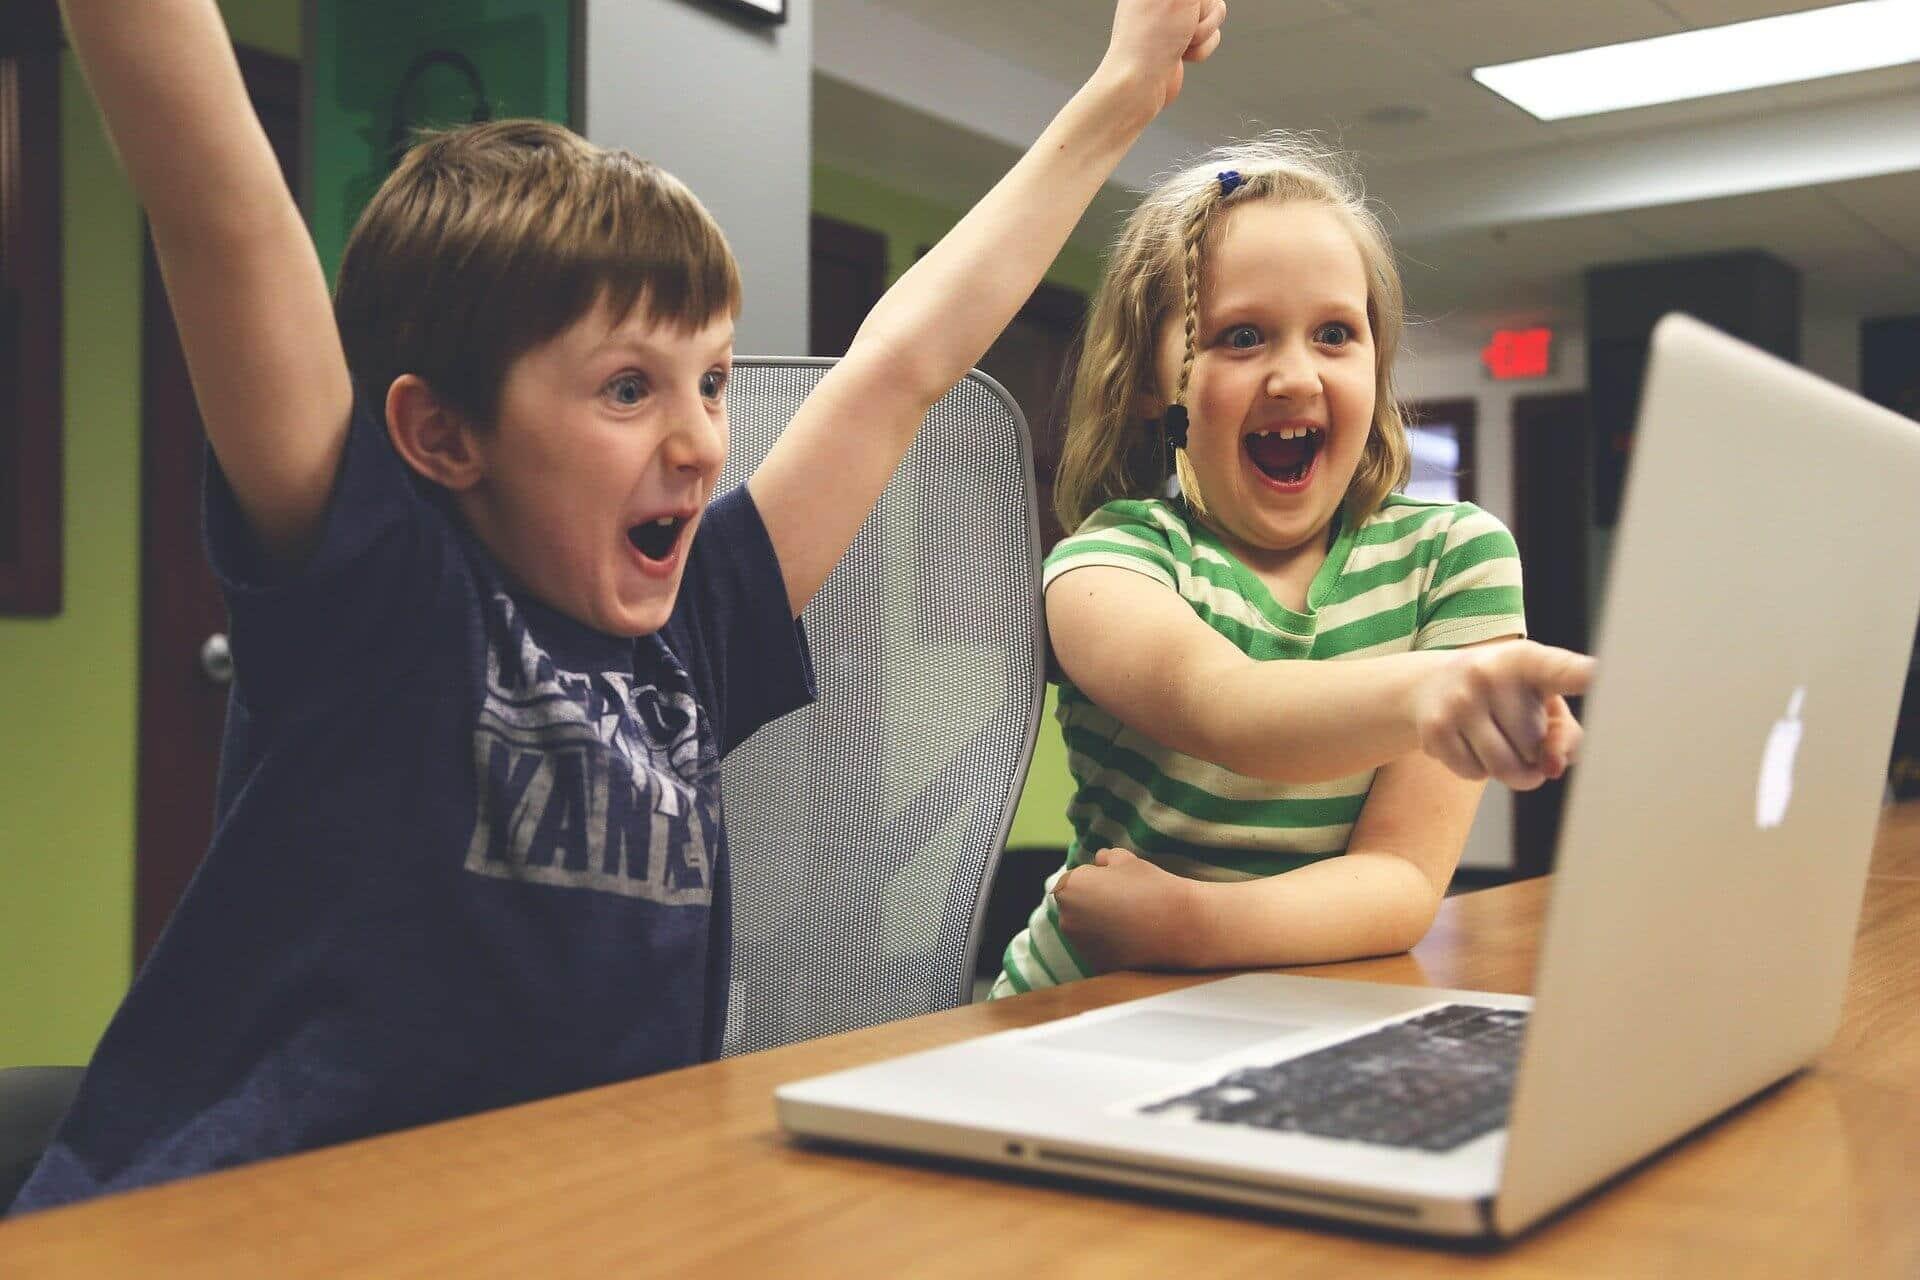 de gevaren van foto's van je kinderen op social media plaatsen